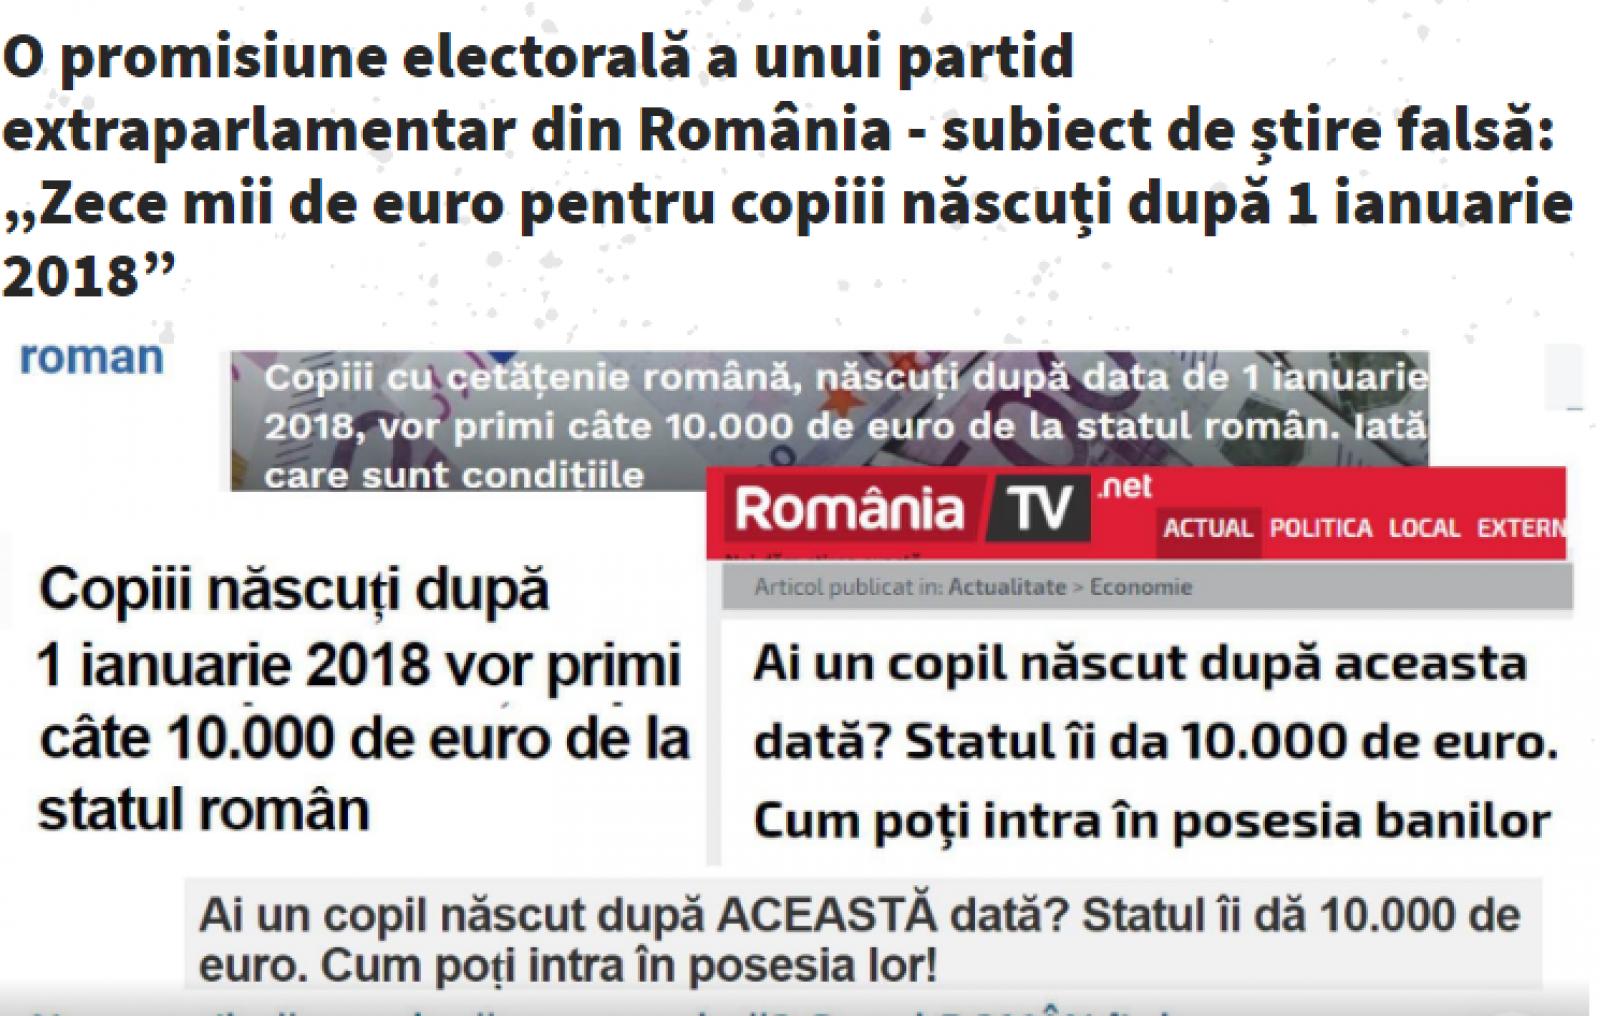 """Stop Fals: O promisiune electorală a unui partid extraparlamentar - subiect de știre falsă: """"Zece mii de euro pentru copiii născuți după 1 ianuarie 2018"""""""